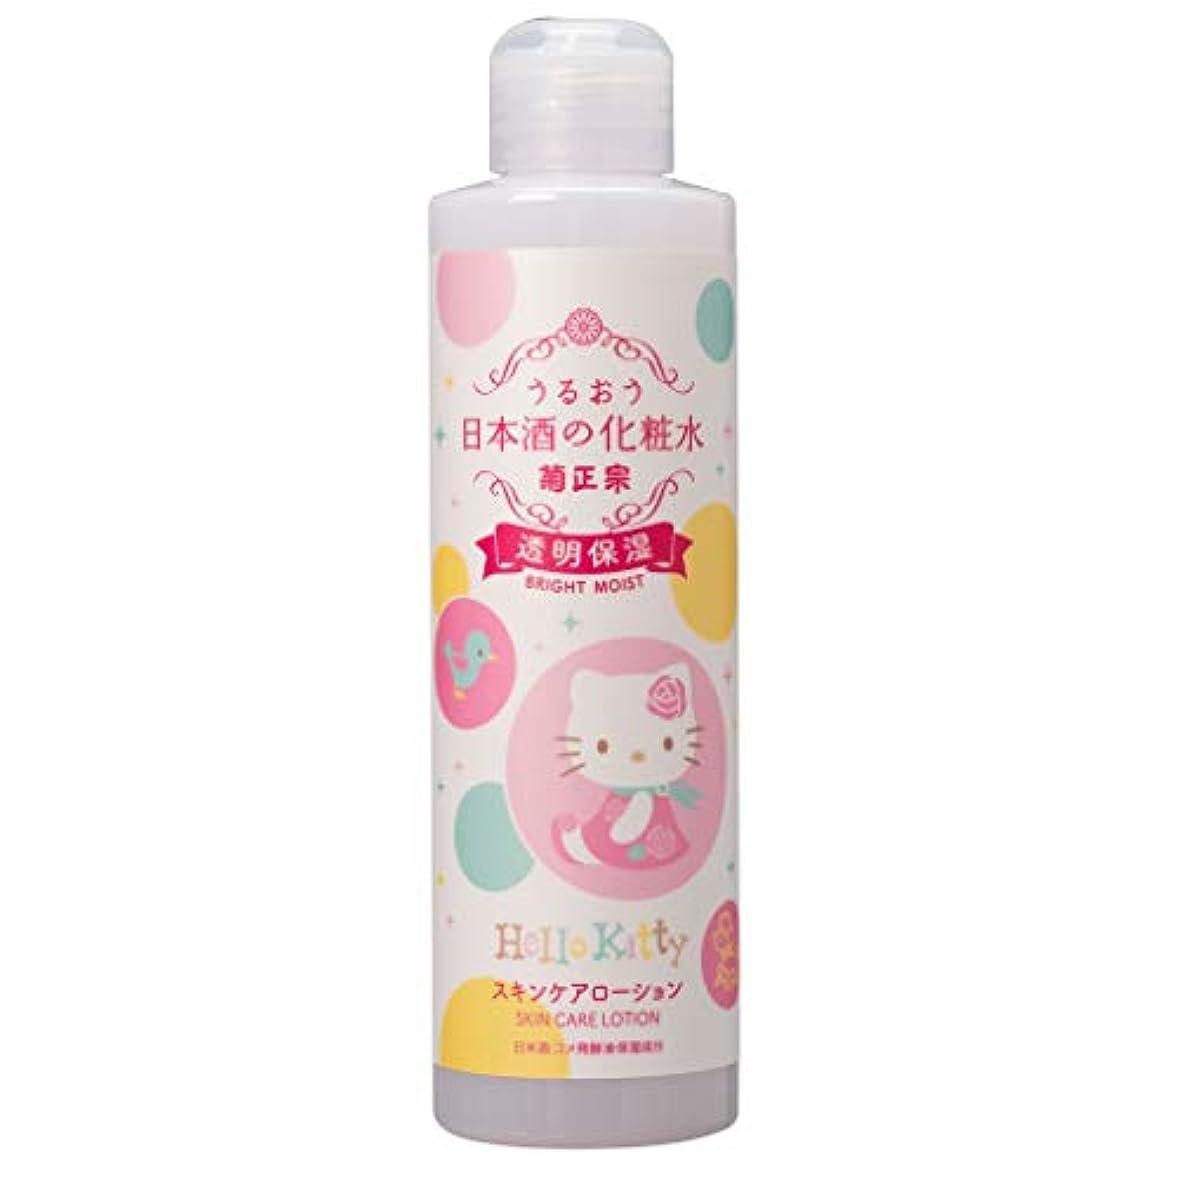 代わりにを立てるヒロイック株式会社菊正宗 日本酒の化粧水 透明保湿 キティボトル 200ml